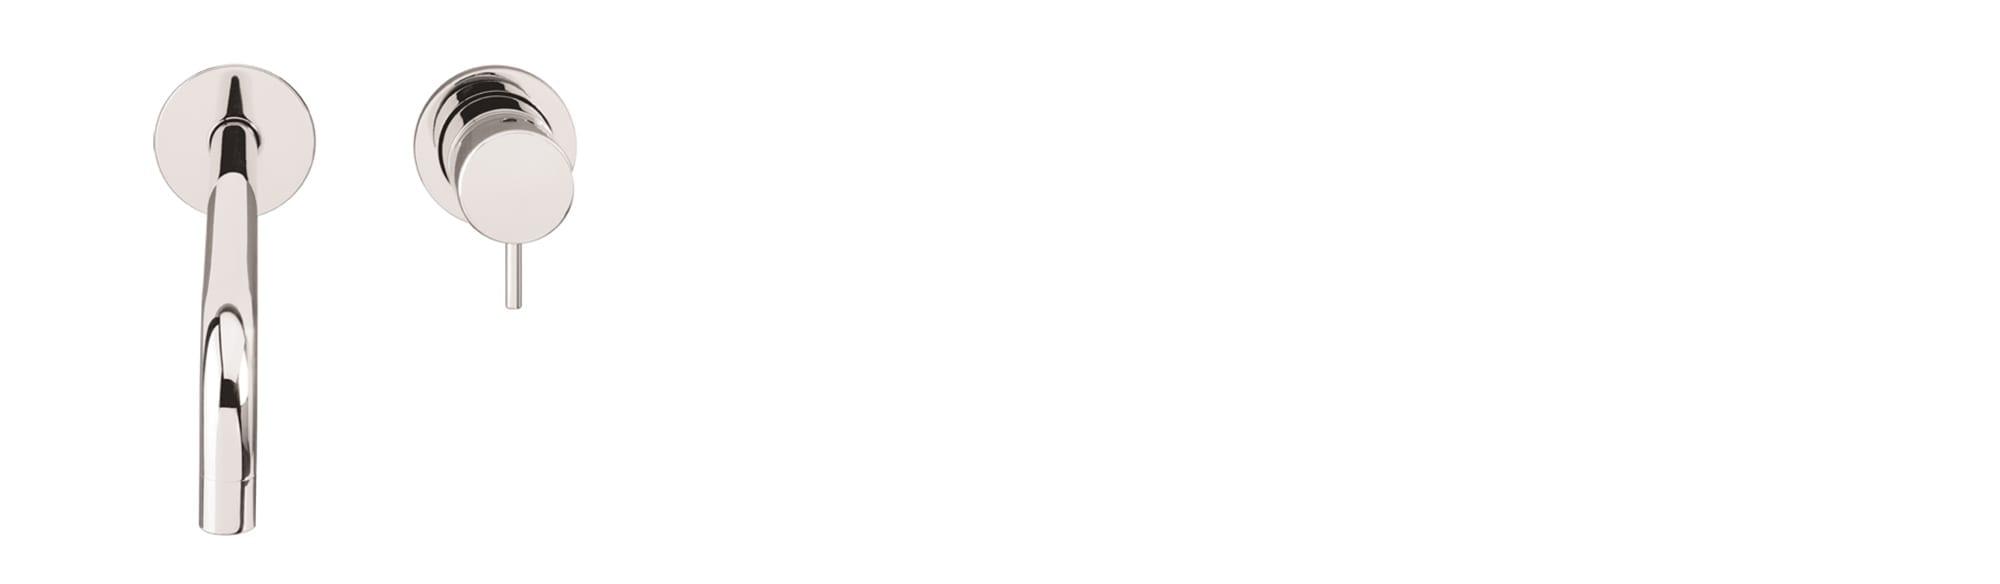 ברז קיר לכיור רחצה ,2 חלקים – T1.16B.01.SV by Milstone